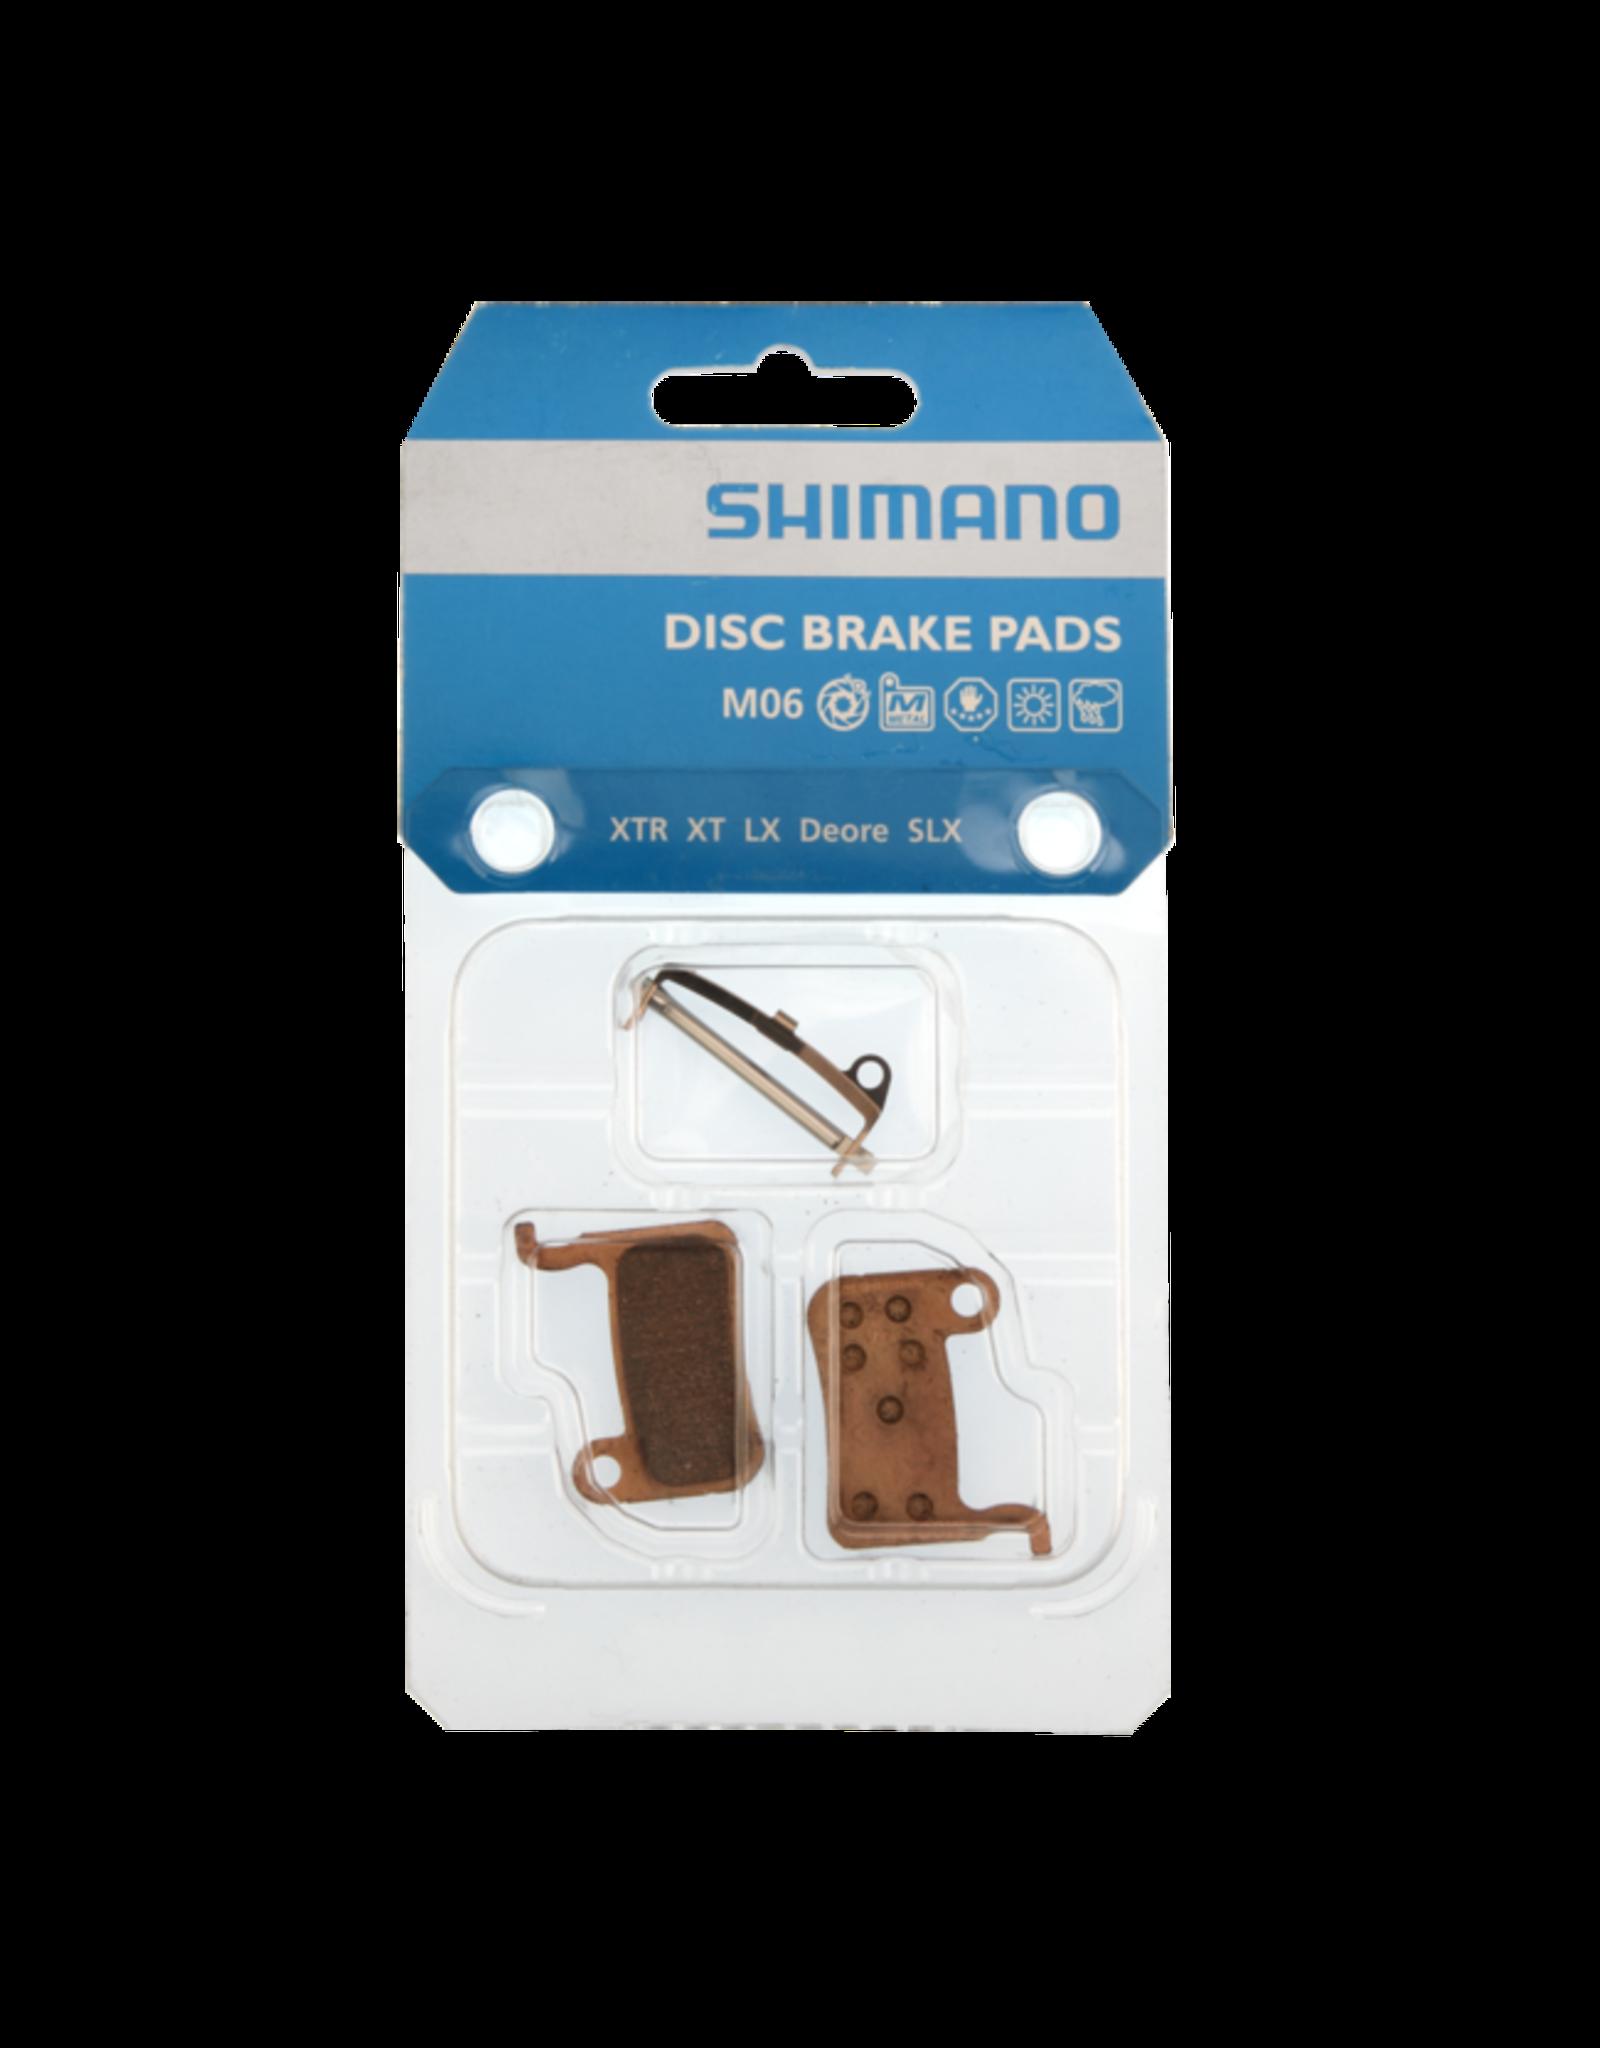 Shimano Plaquettes frein Shim M06 metal (XTR, XT, LX, Deore, SLX)